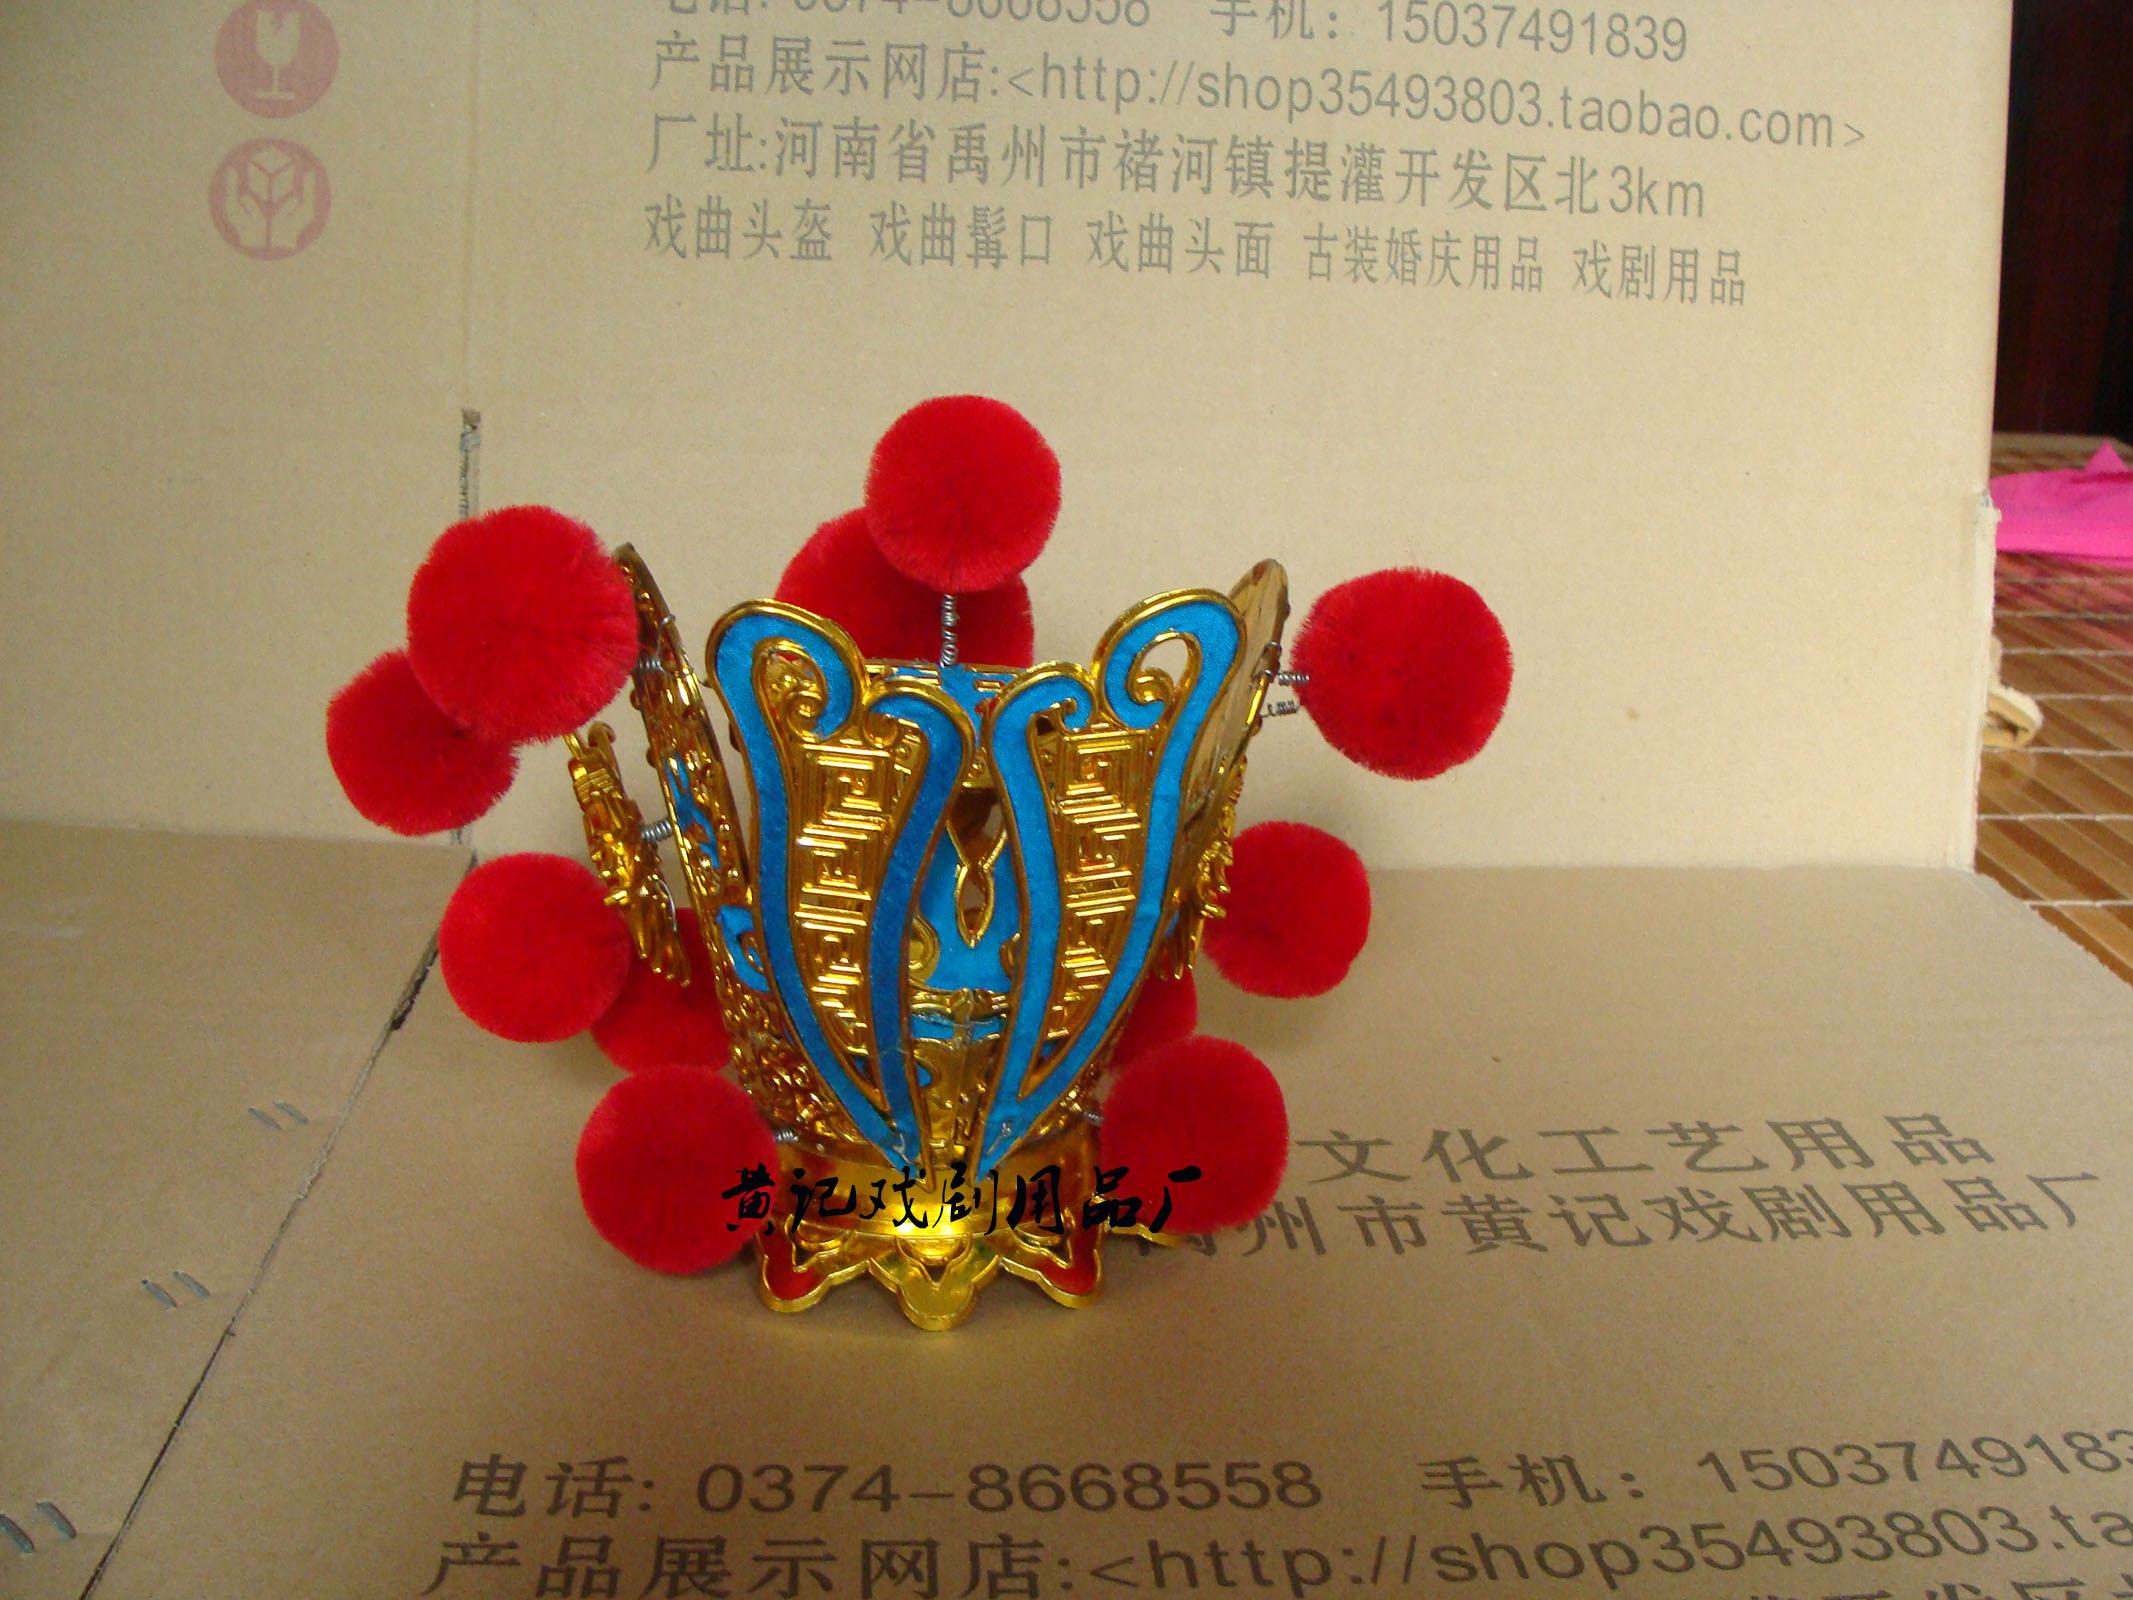 Национальный  костюм Играть в шляпе поставок/свадьба/Драма/Драма костюм маленький фиолетовый Коронет/глобального/fengguanxiapei/Корона